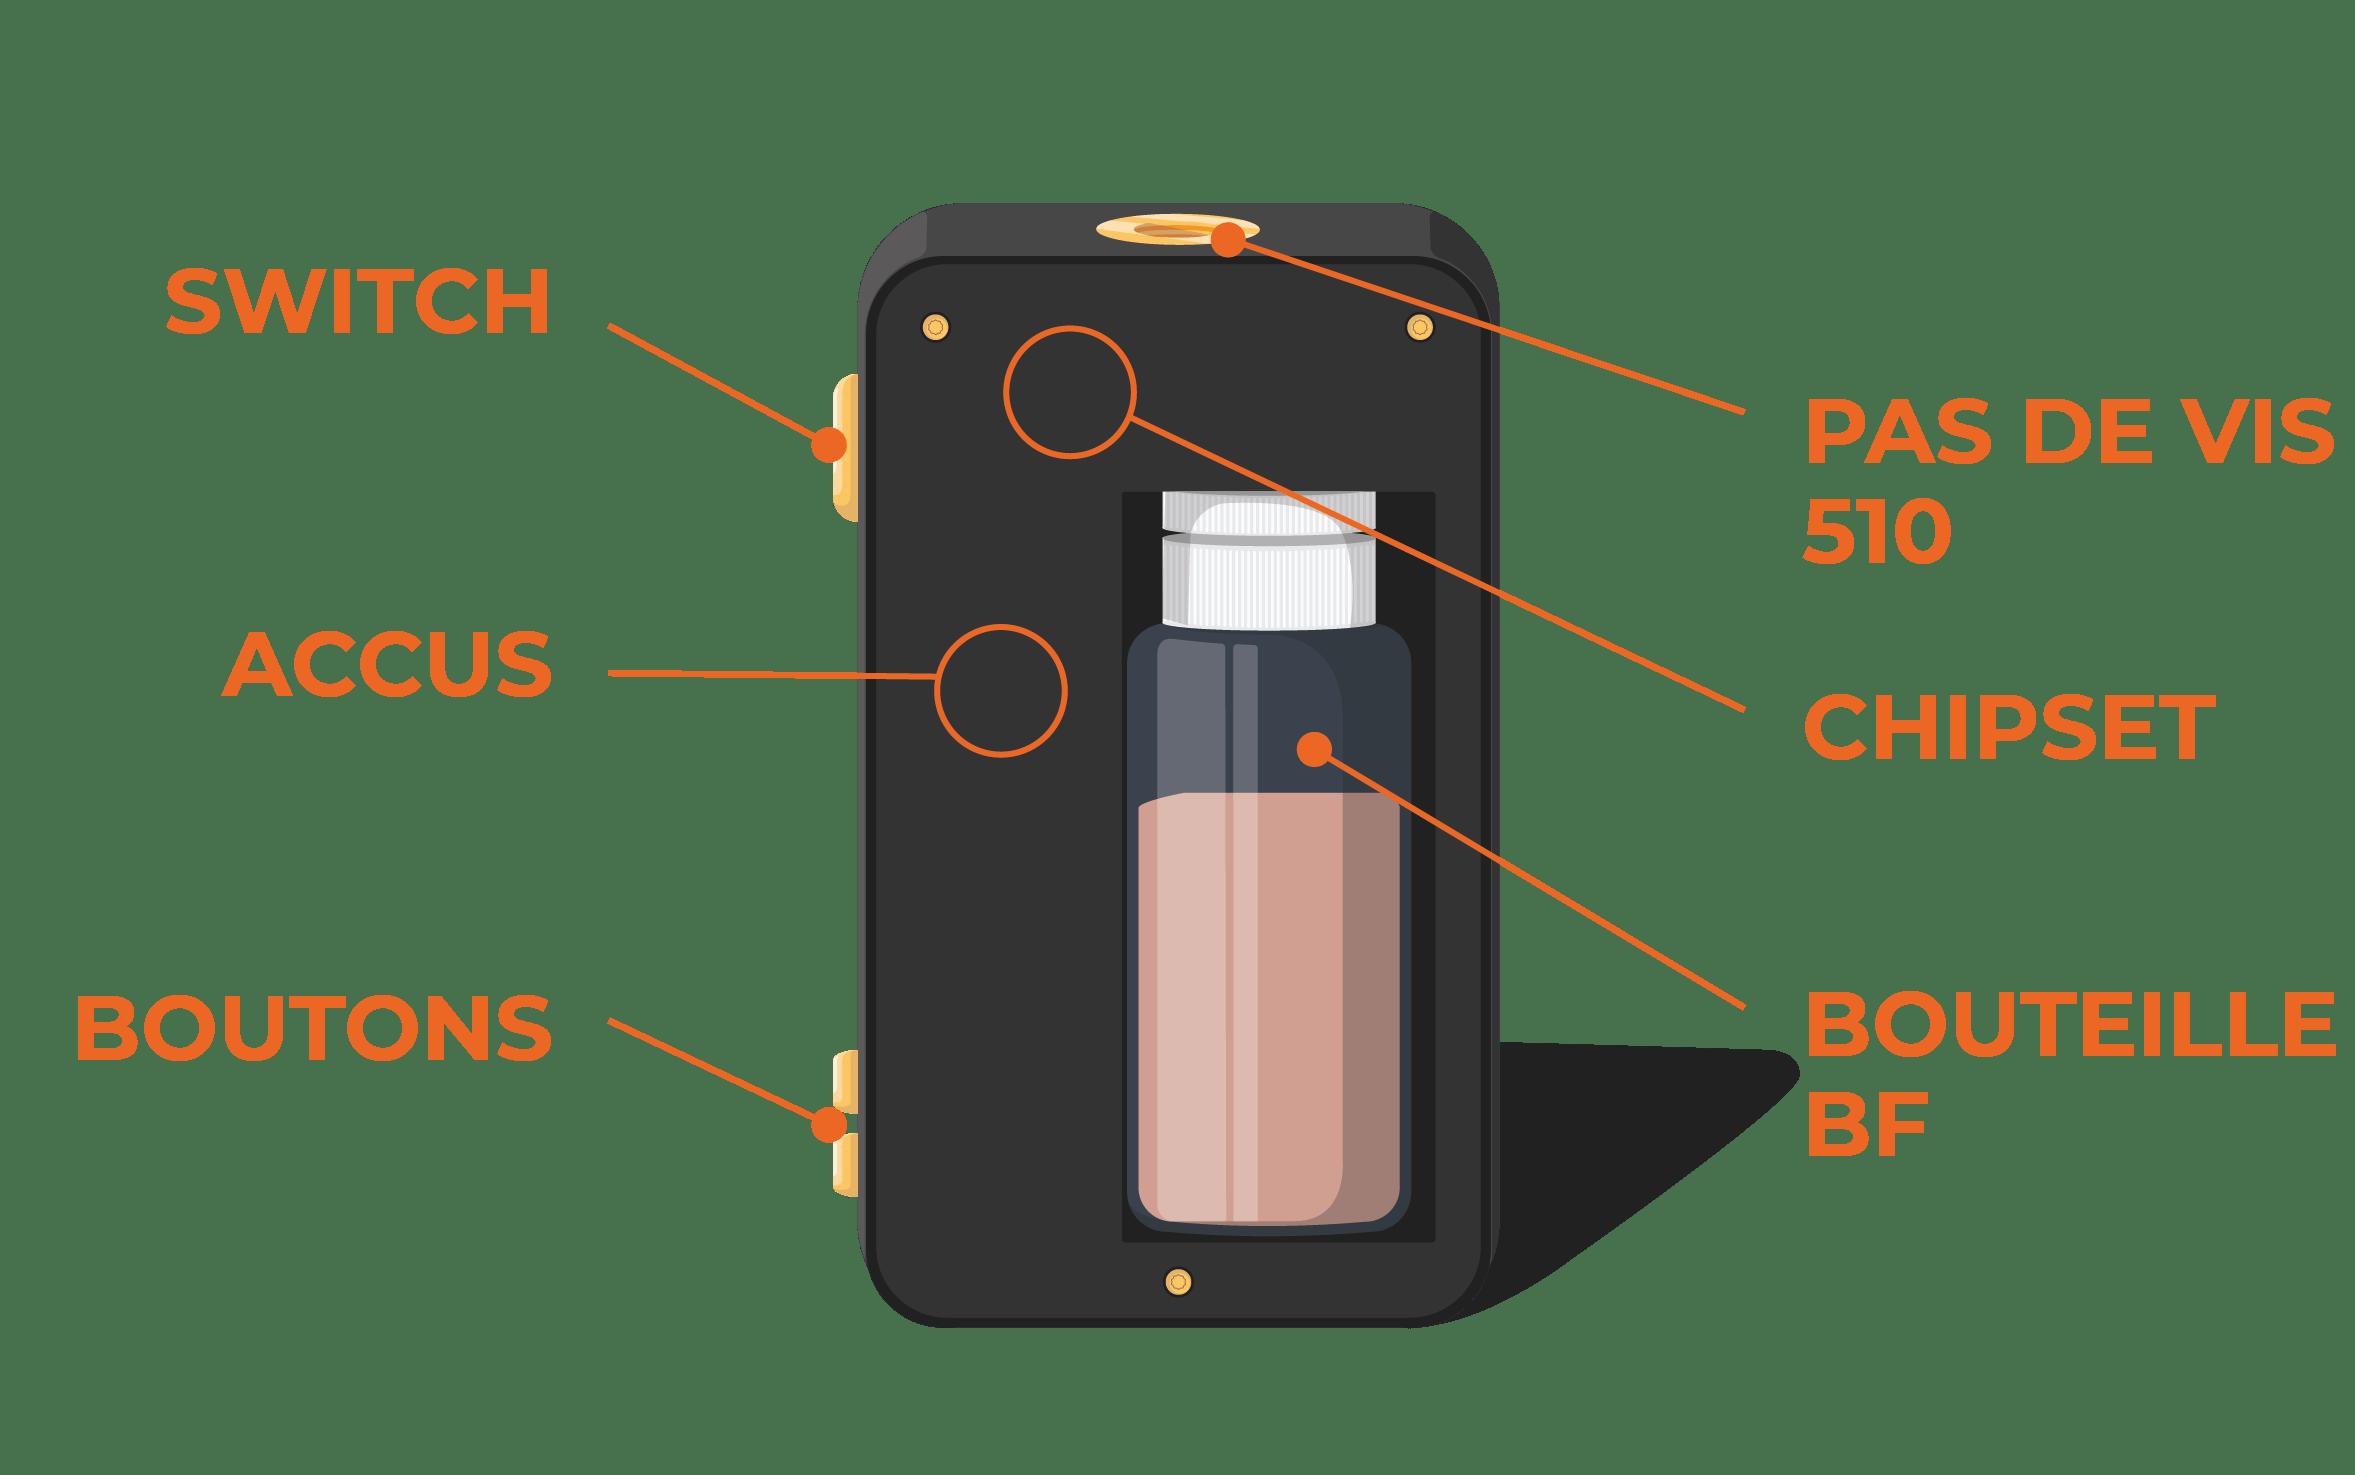 Batterie de type bottom feeder